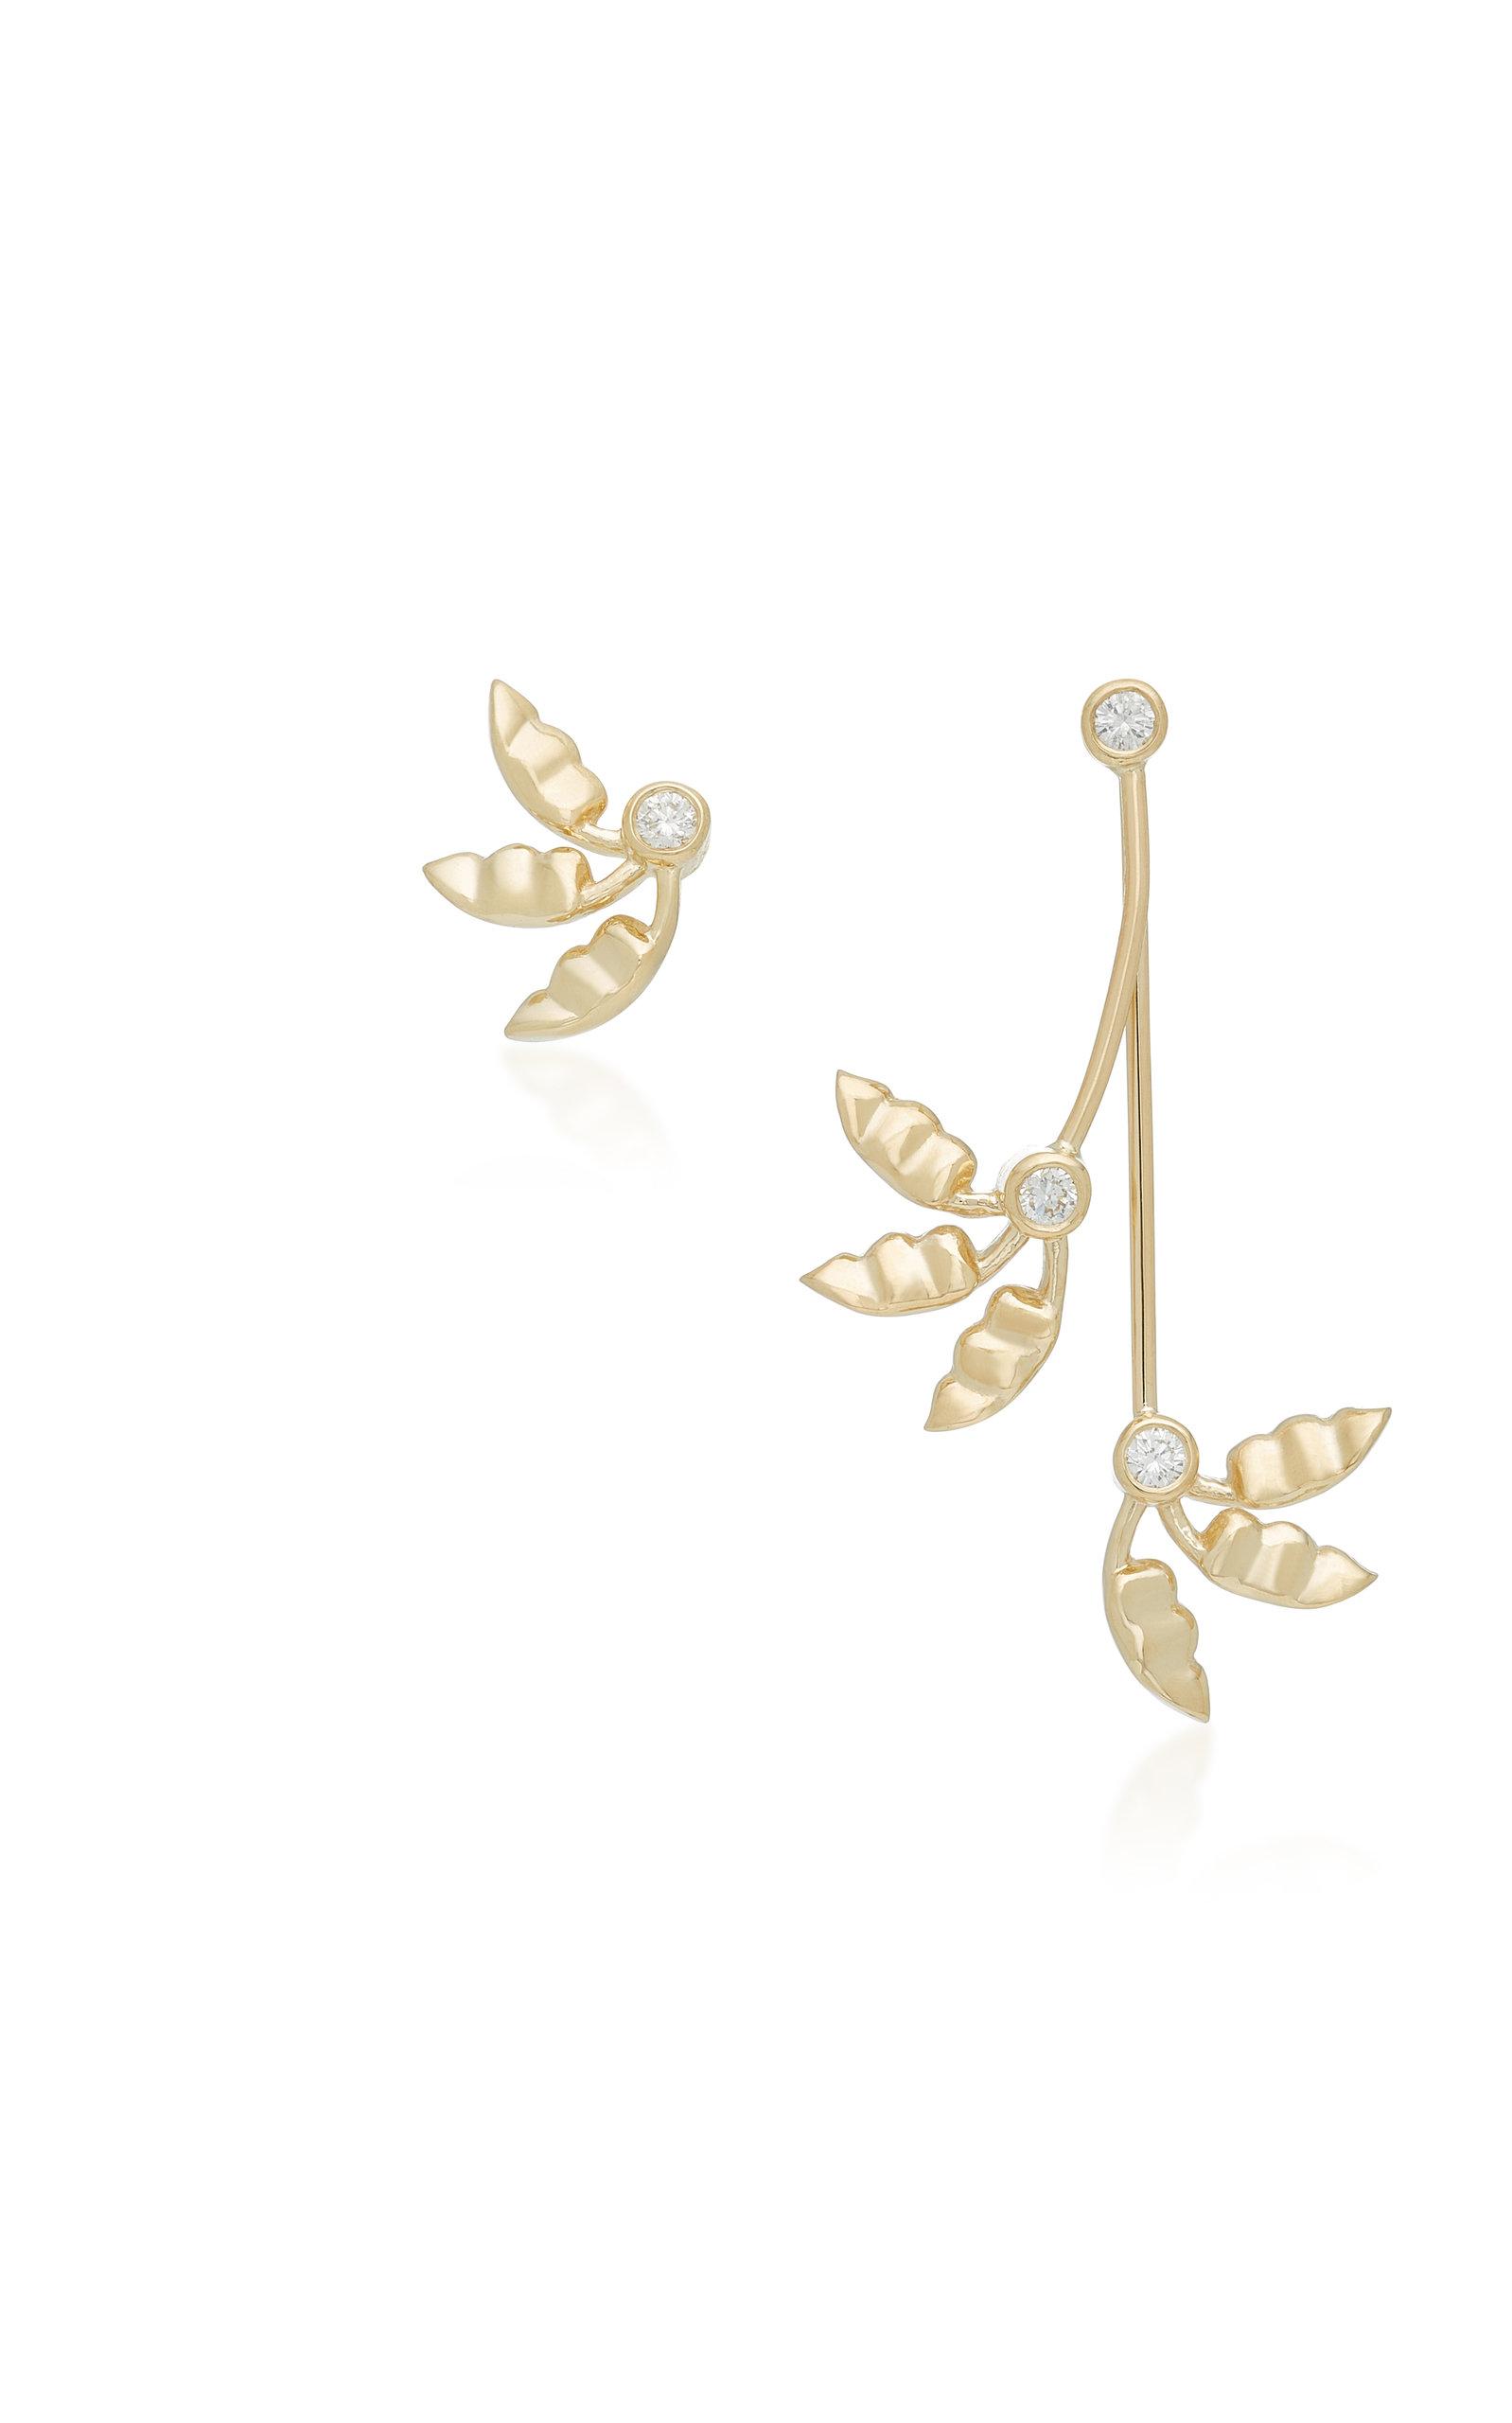 ILANA ARIEL Jasmine Fan 14K Gold Diamond Earrings